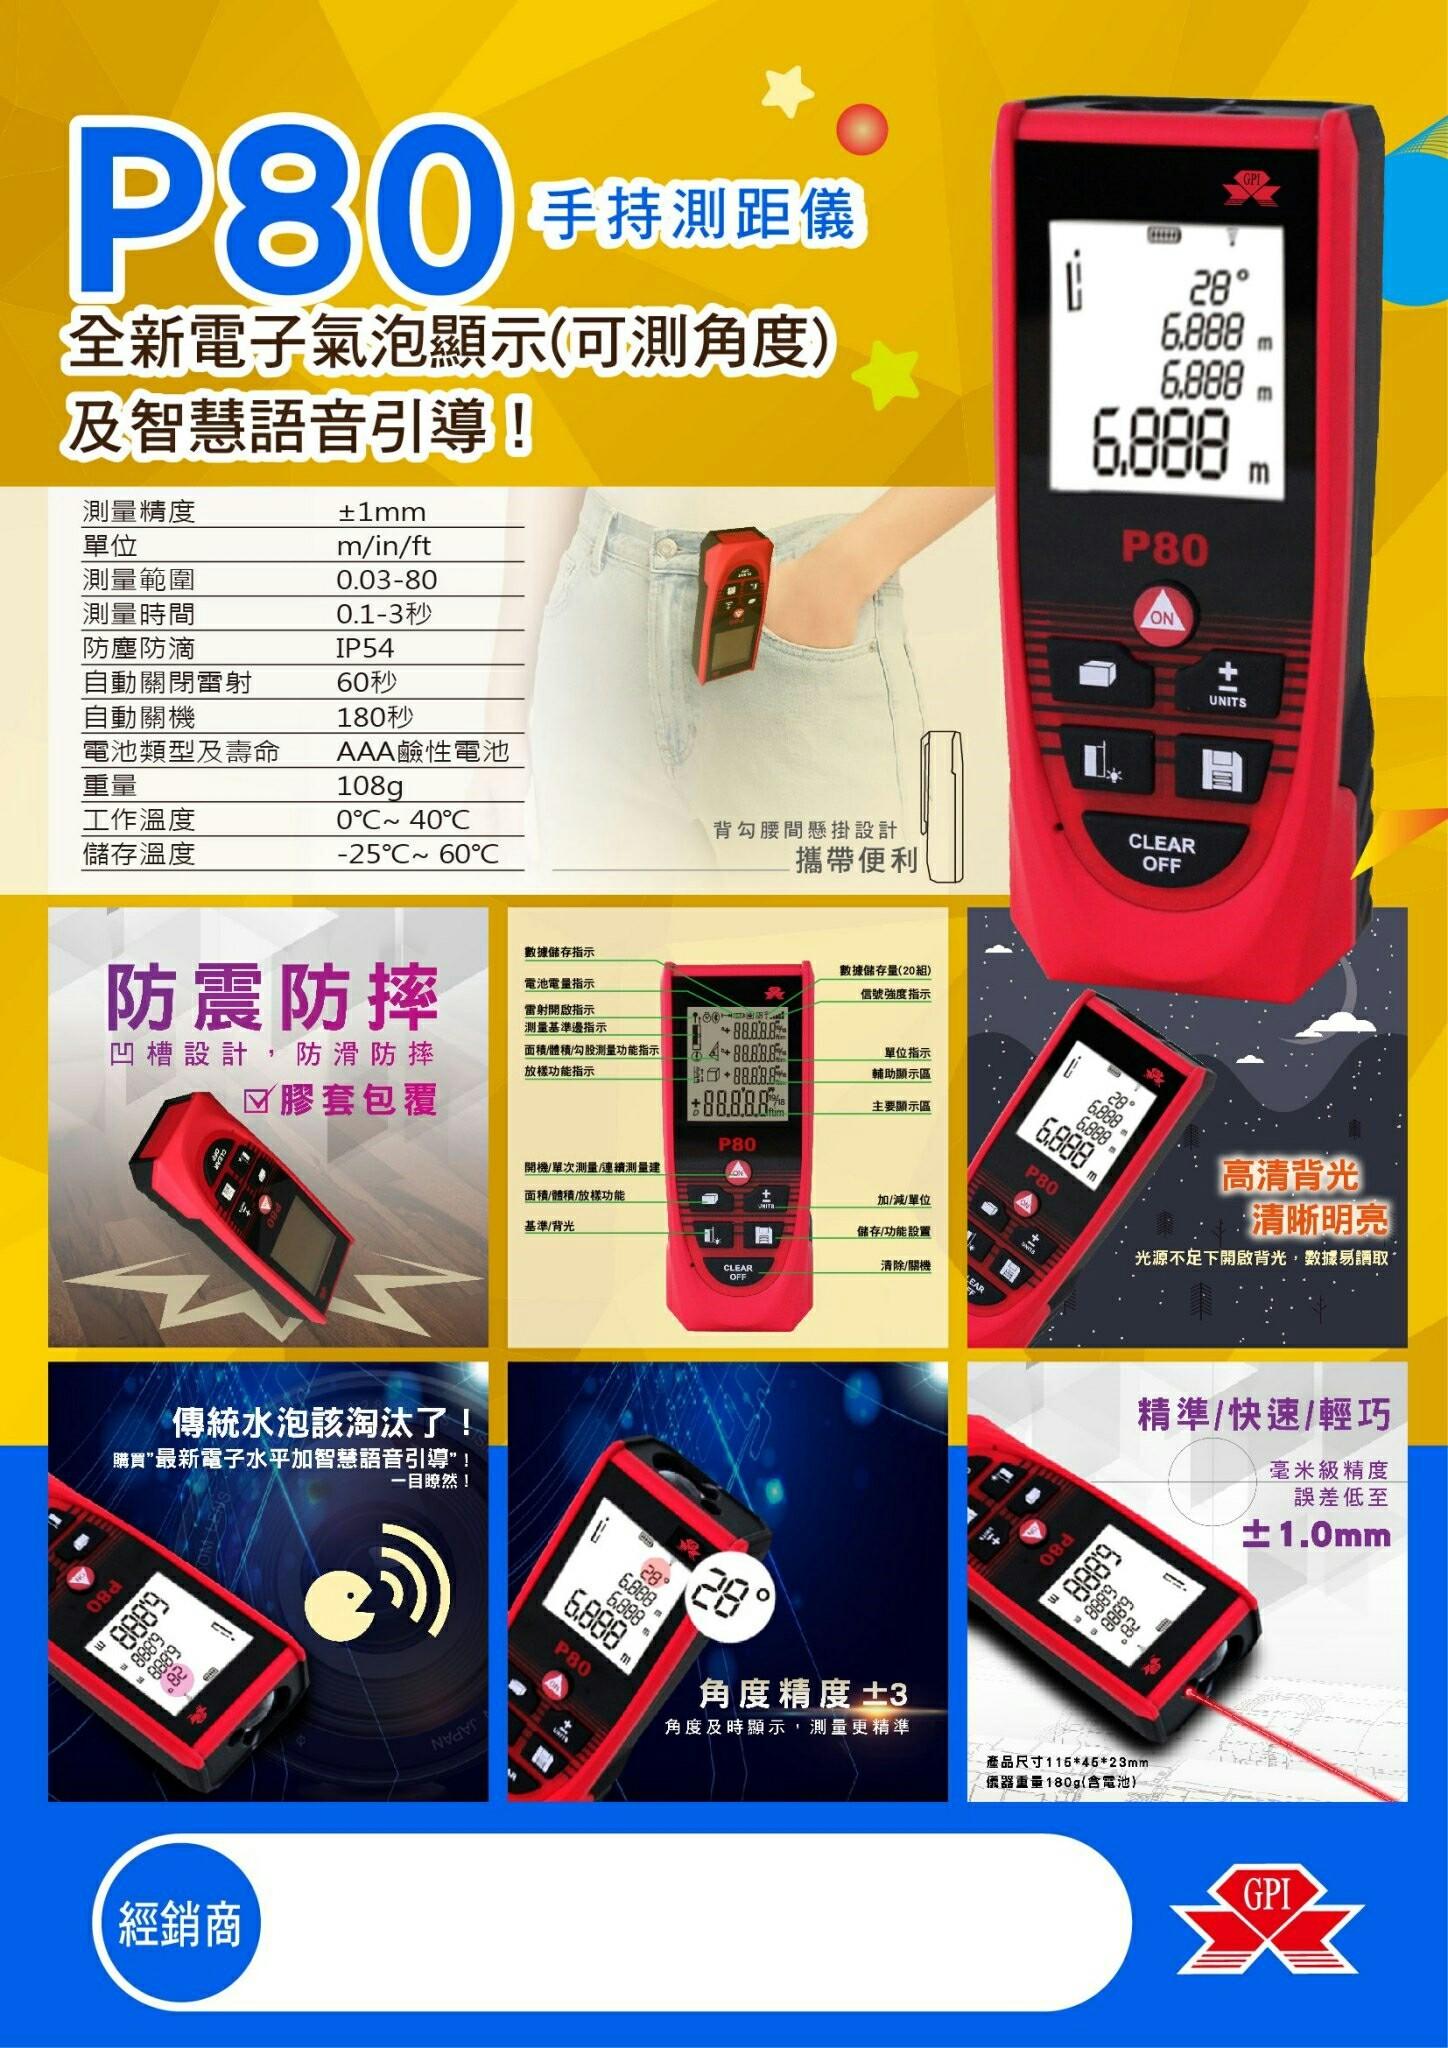 P80手持測距儀